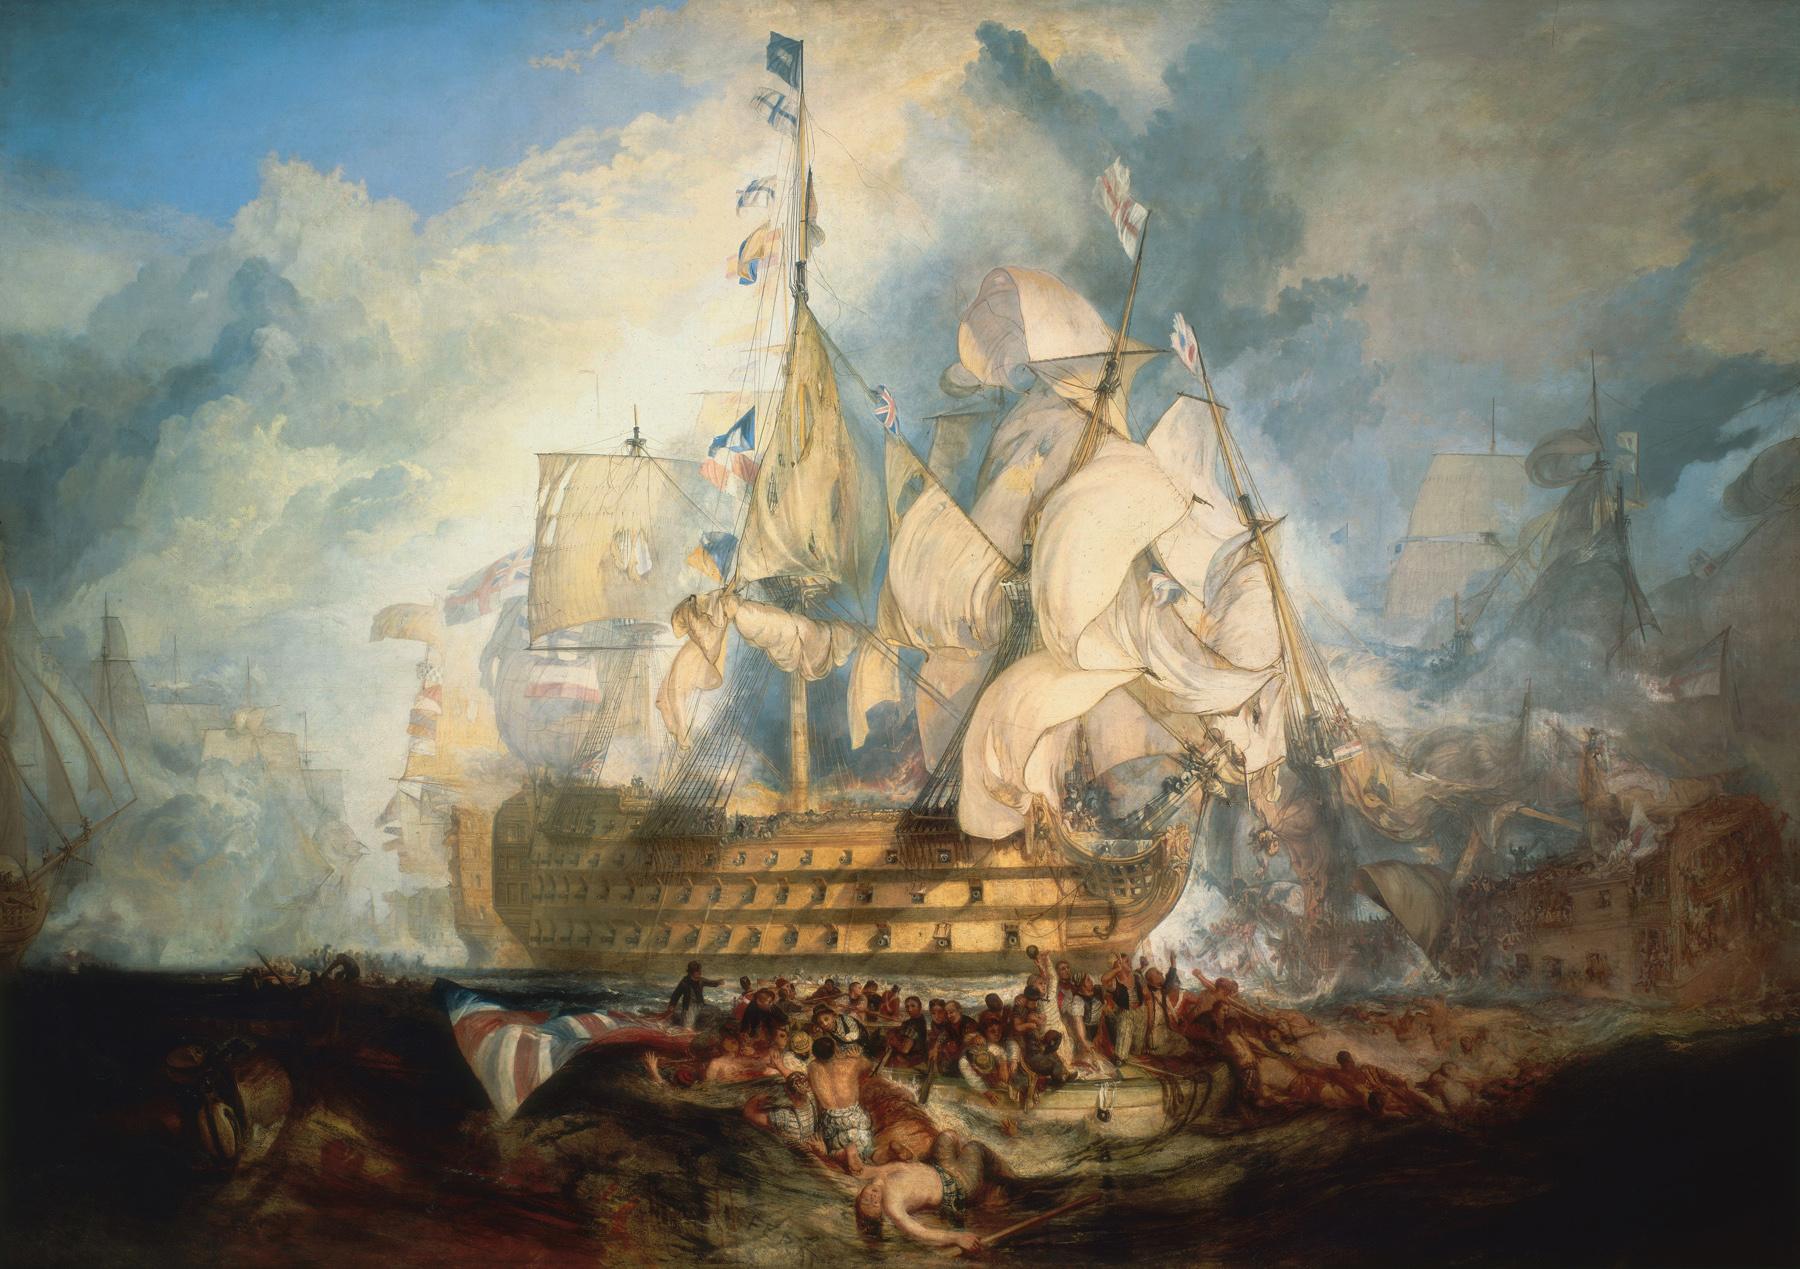 The Battle of Trafalgar by Turnier